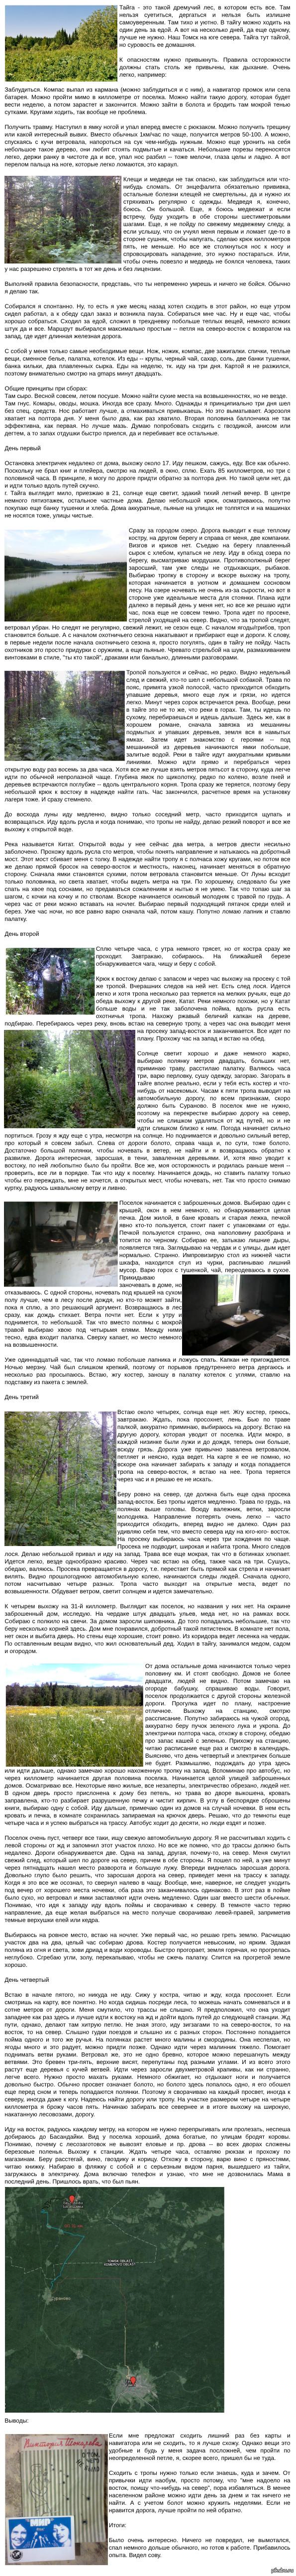 Как я ходил в тайгу Отчет с трехсуточного одиночного похода в окрестностях Томска без определенной цели